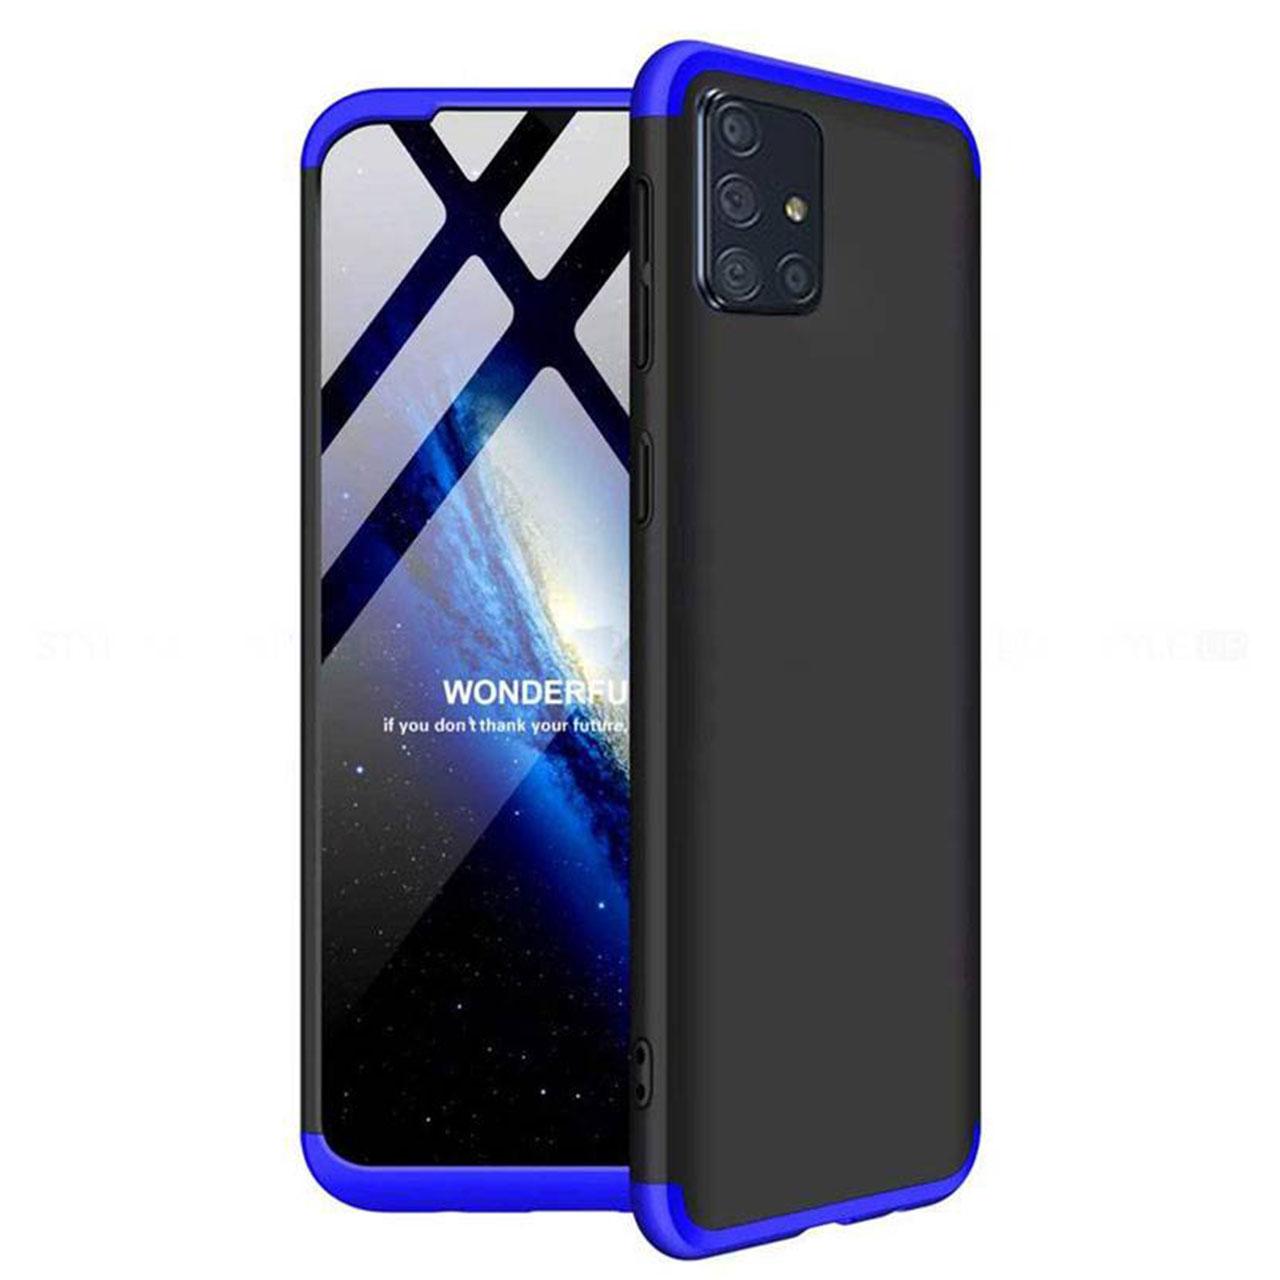 کاور 360 درجه جی کی کی مدل GK-A31 مناسب برای گوشی موبایل سامسونگ GALAXY A31              ( قیمت و خرید)